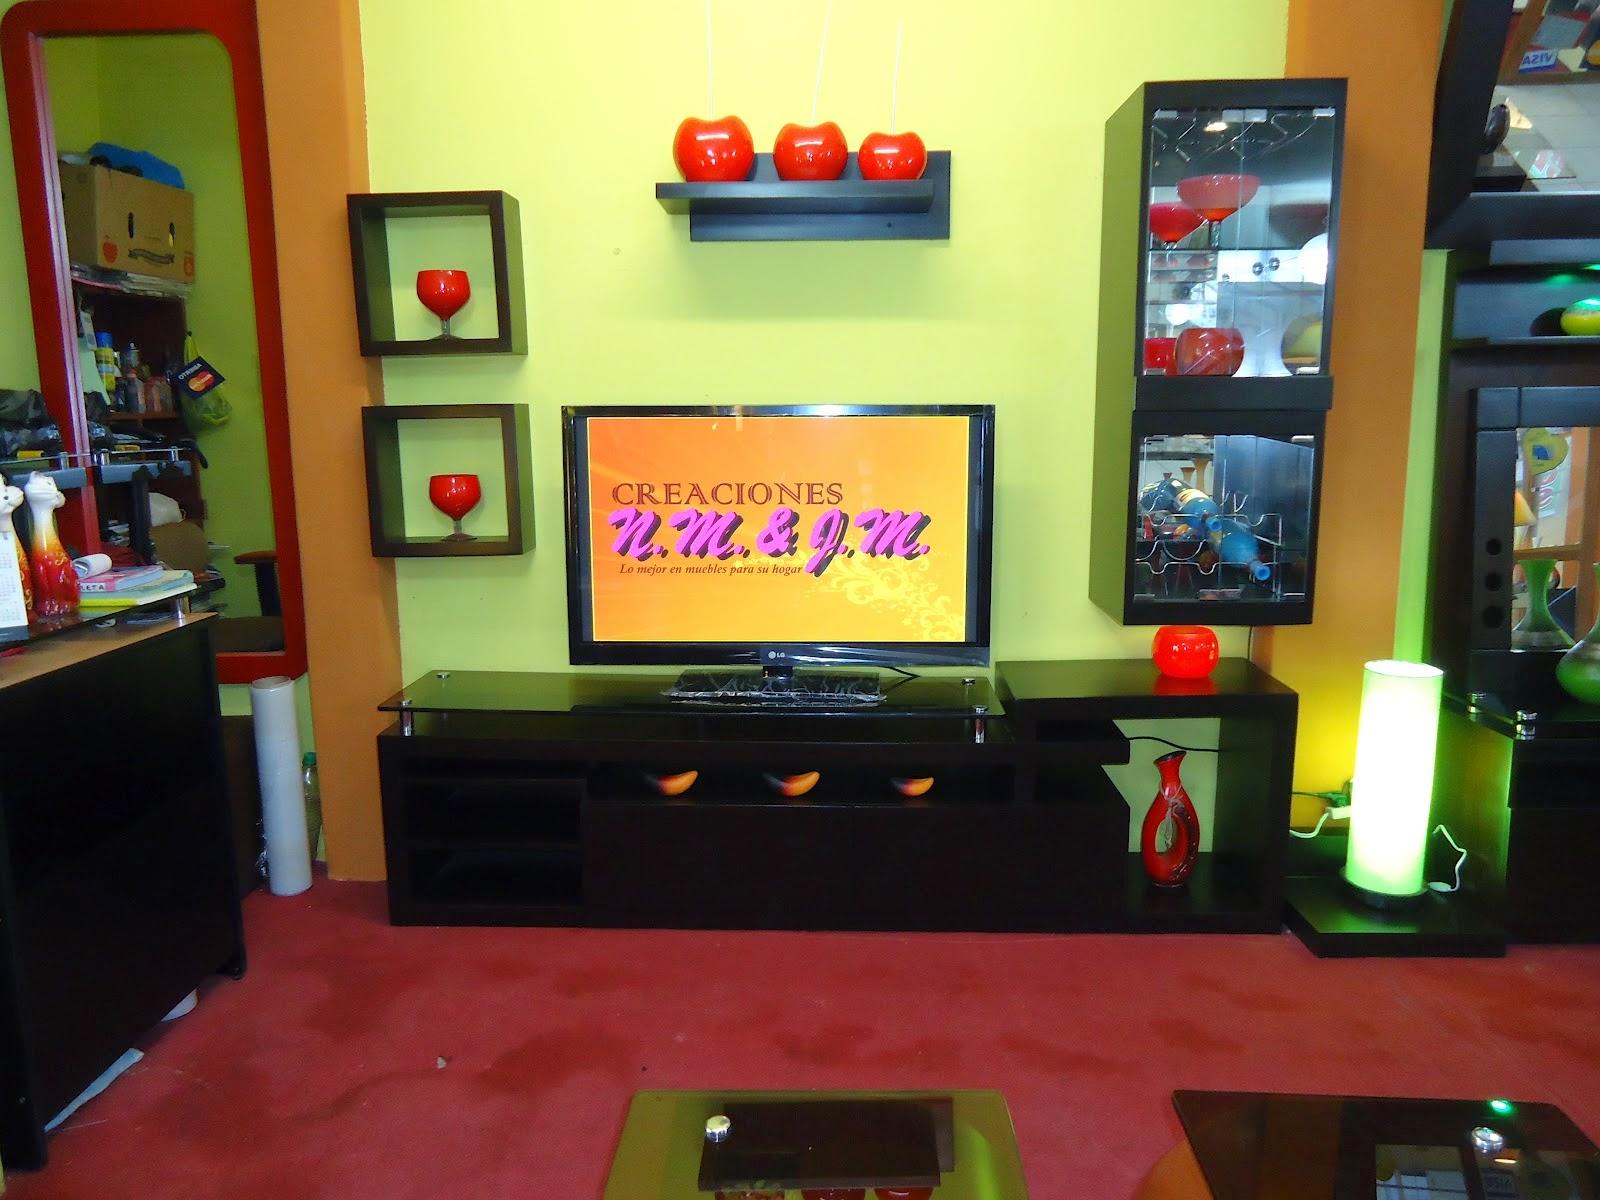 Creaciones n m j m muebles de tv for Mueble organizador de 9 cubos